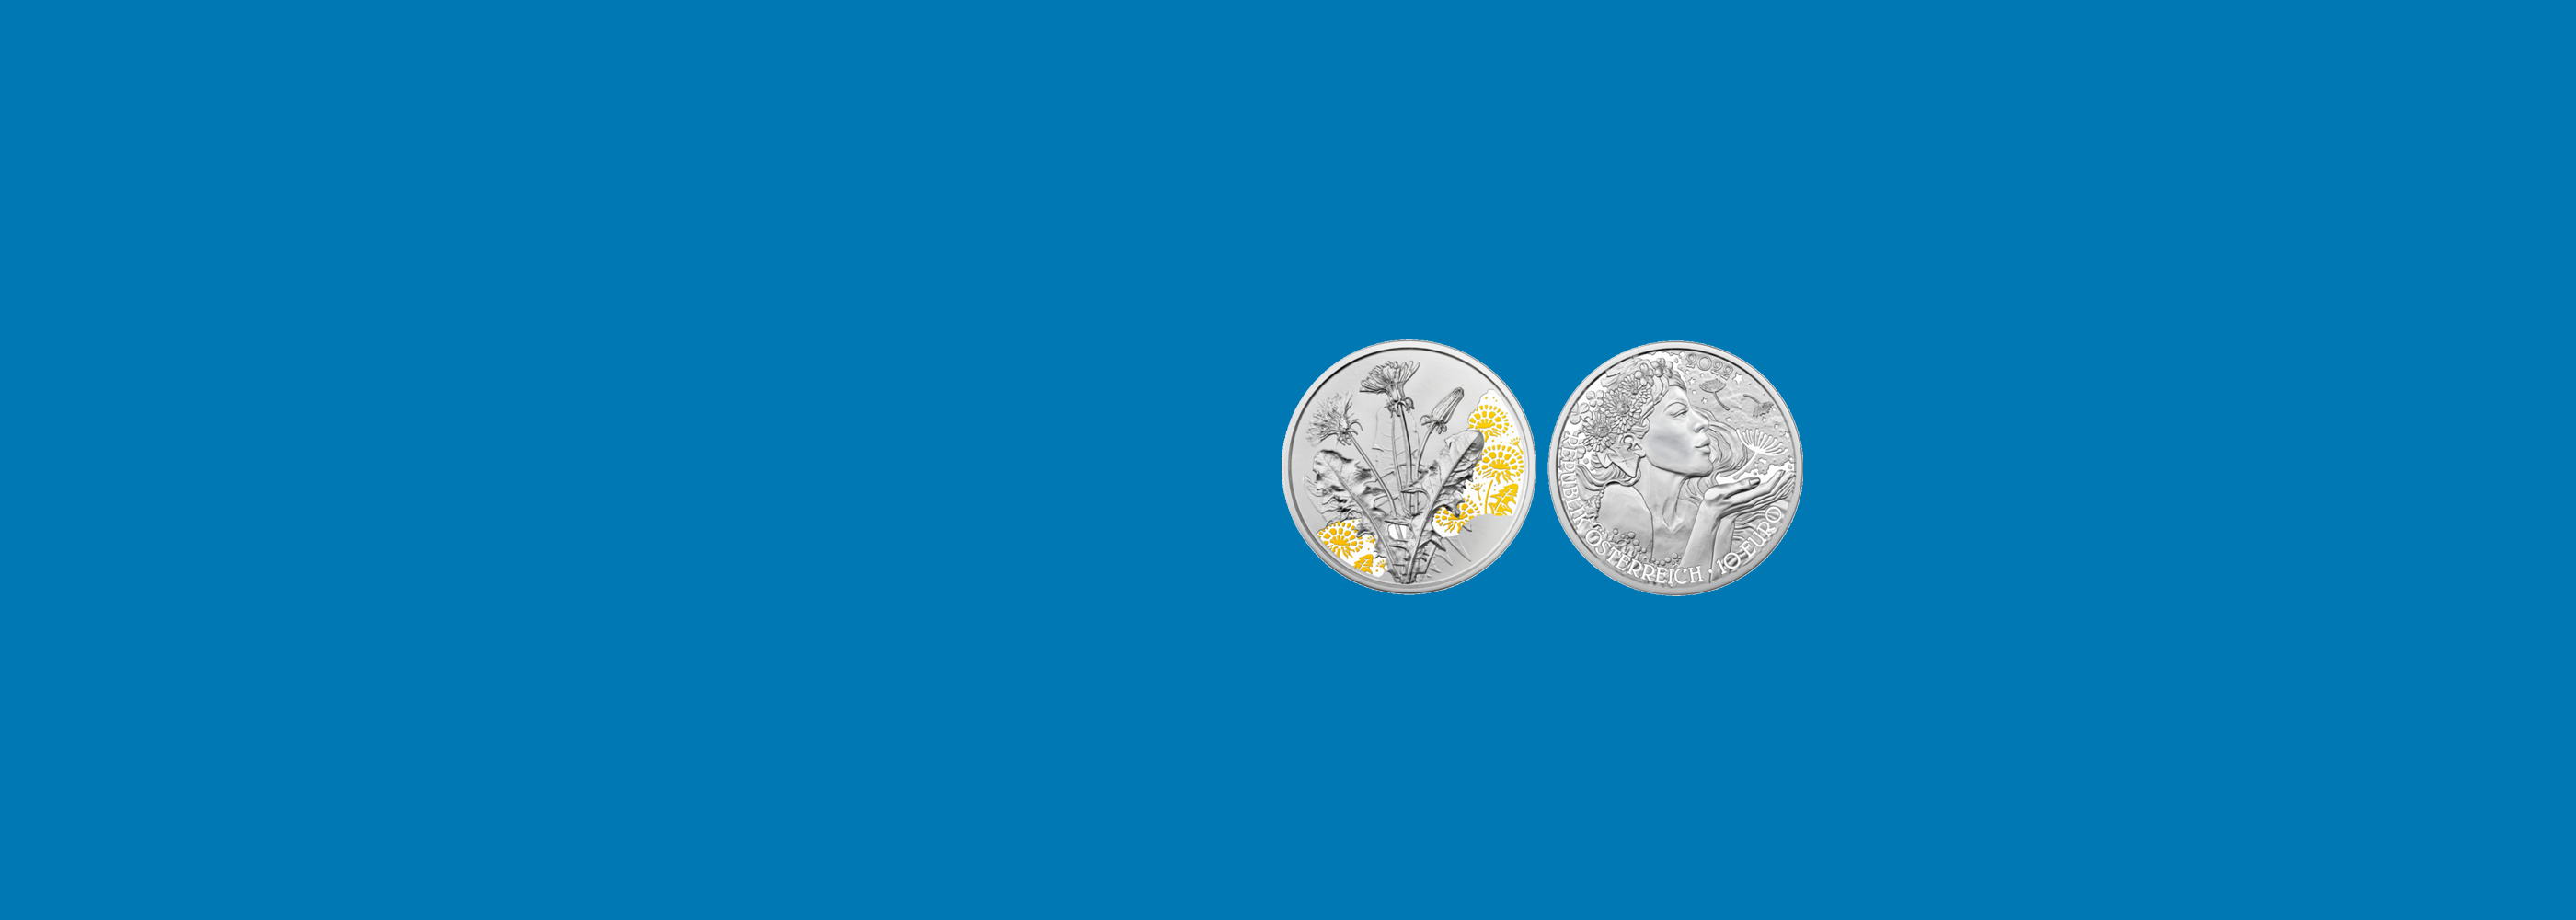 Münzen Der Münze österreich Erste Bank Und Sparkasse